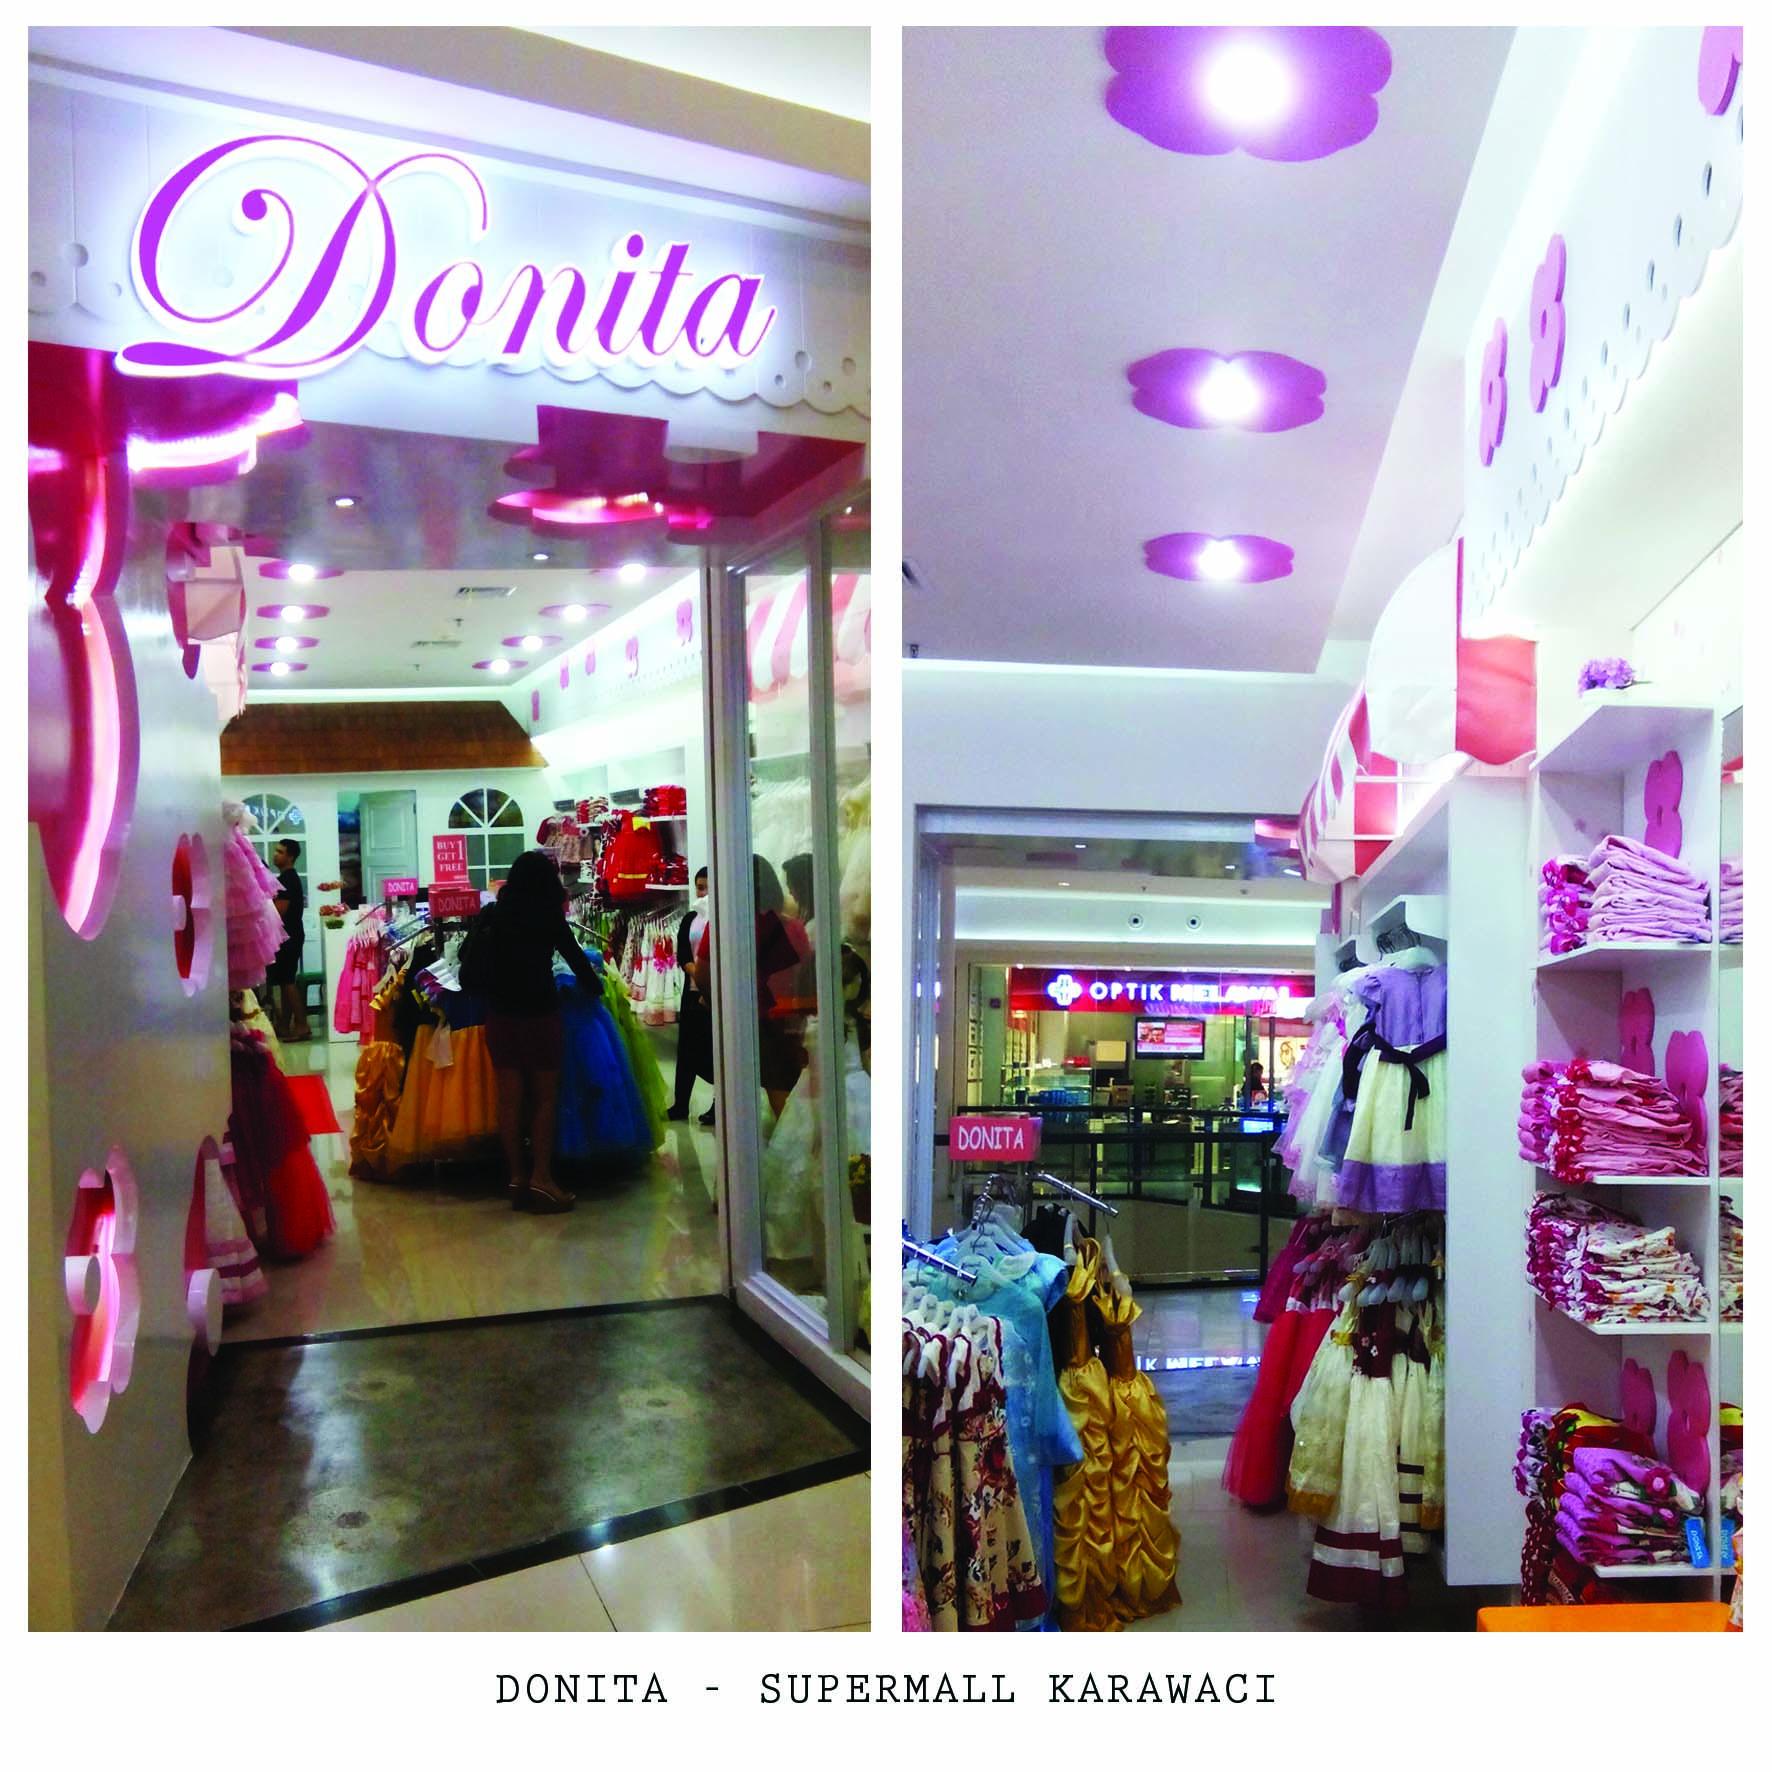 X3M Architects Donita Showroom Karawaci Tangerang Tangerang X3M-Architects-Donita-Showroom-Karawaci   75964